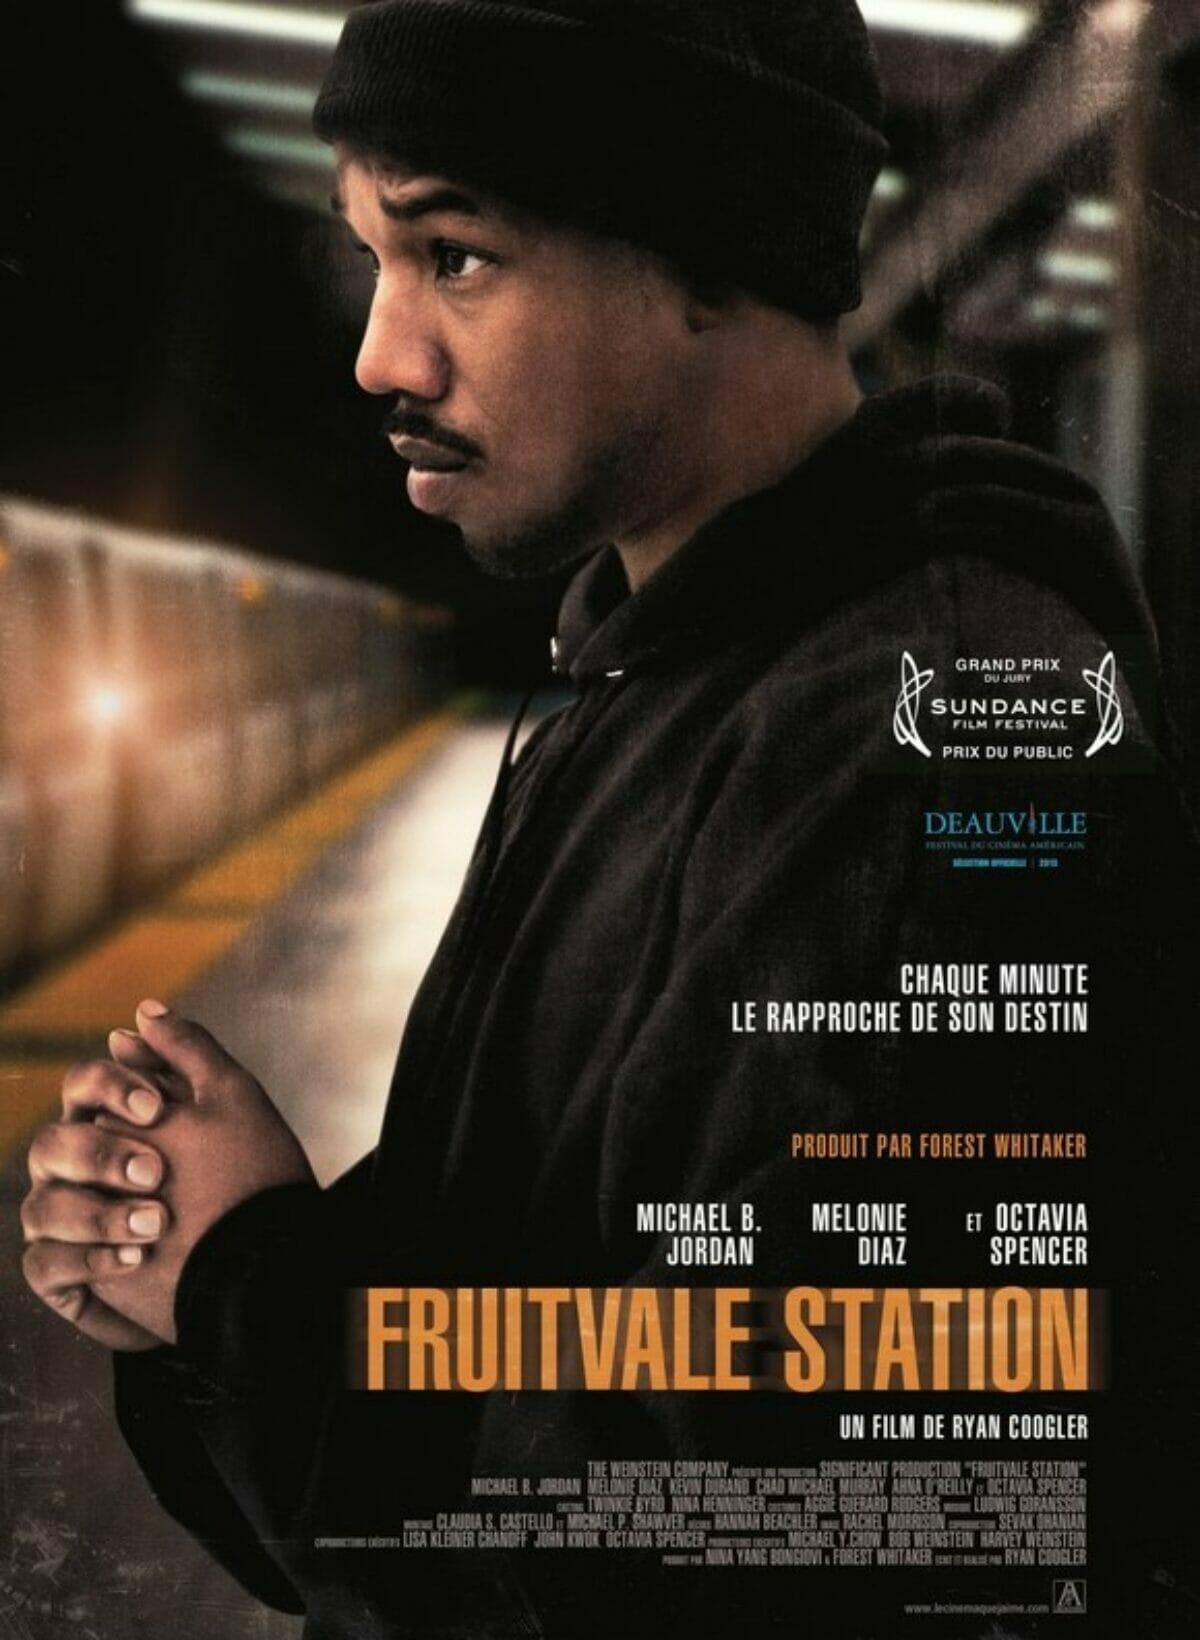 Fruitvale-Station-Affiche-France